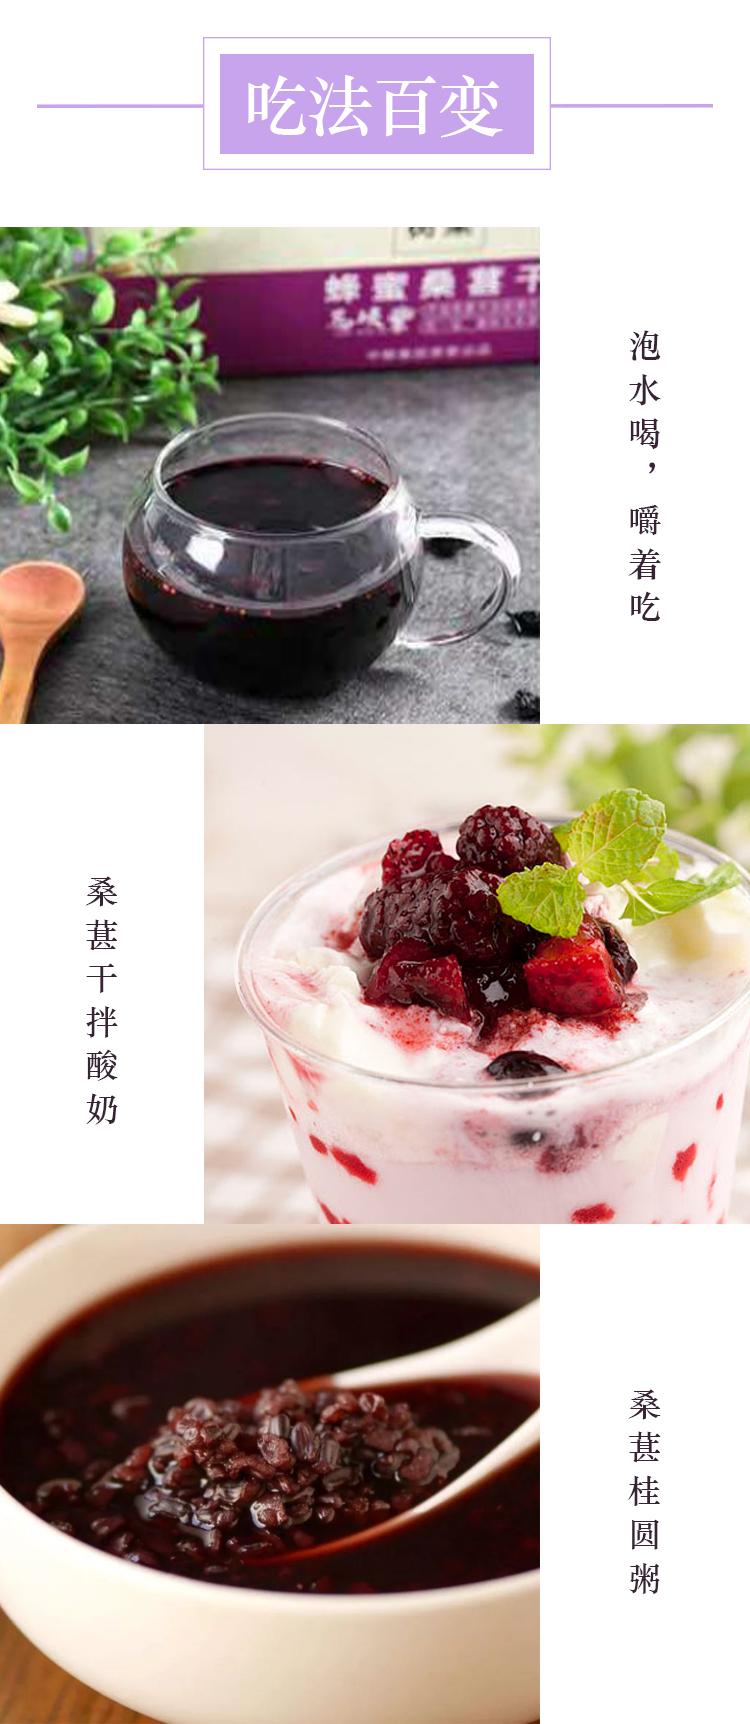 中粮产品细节2_01.jpg